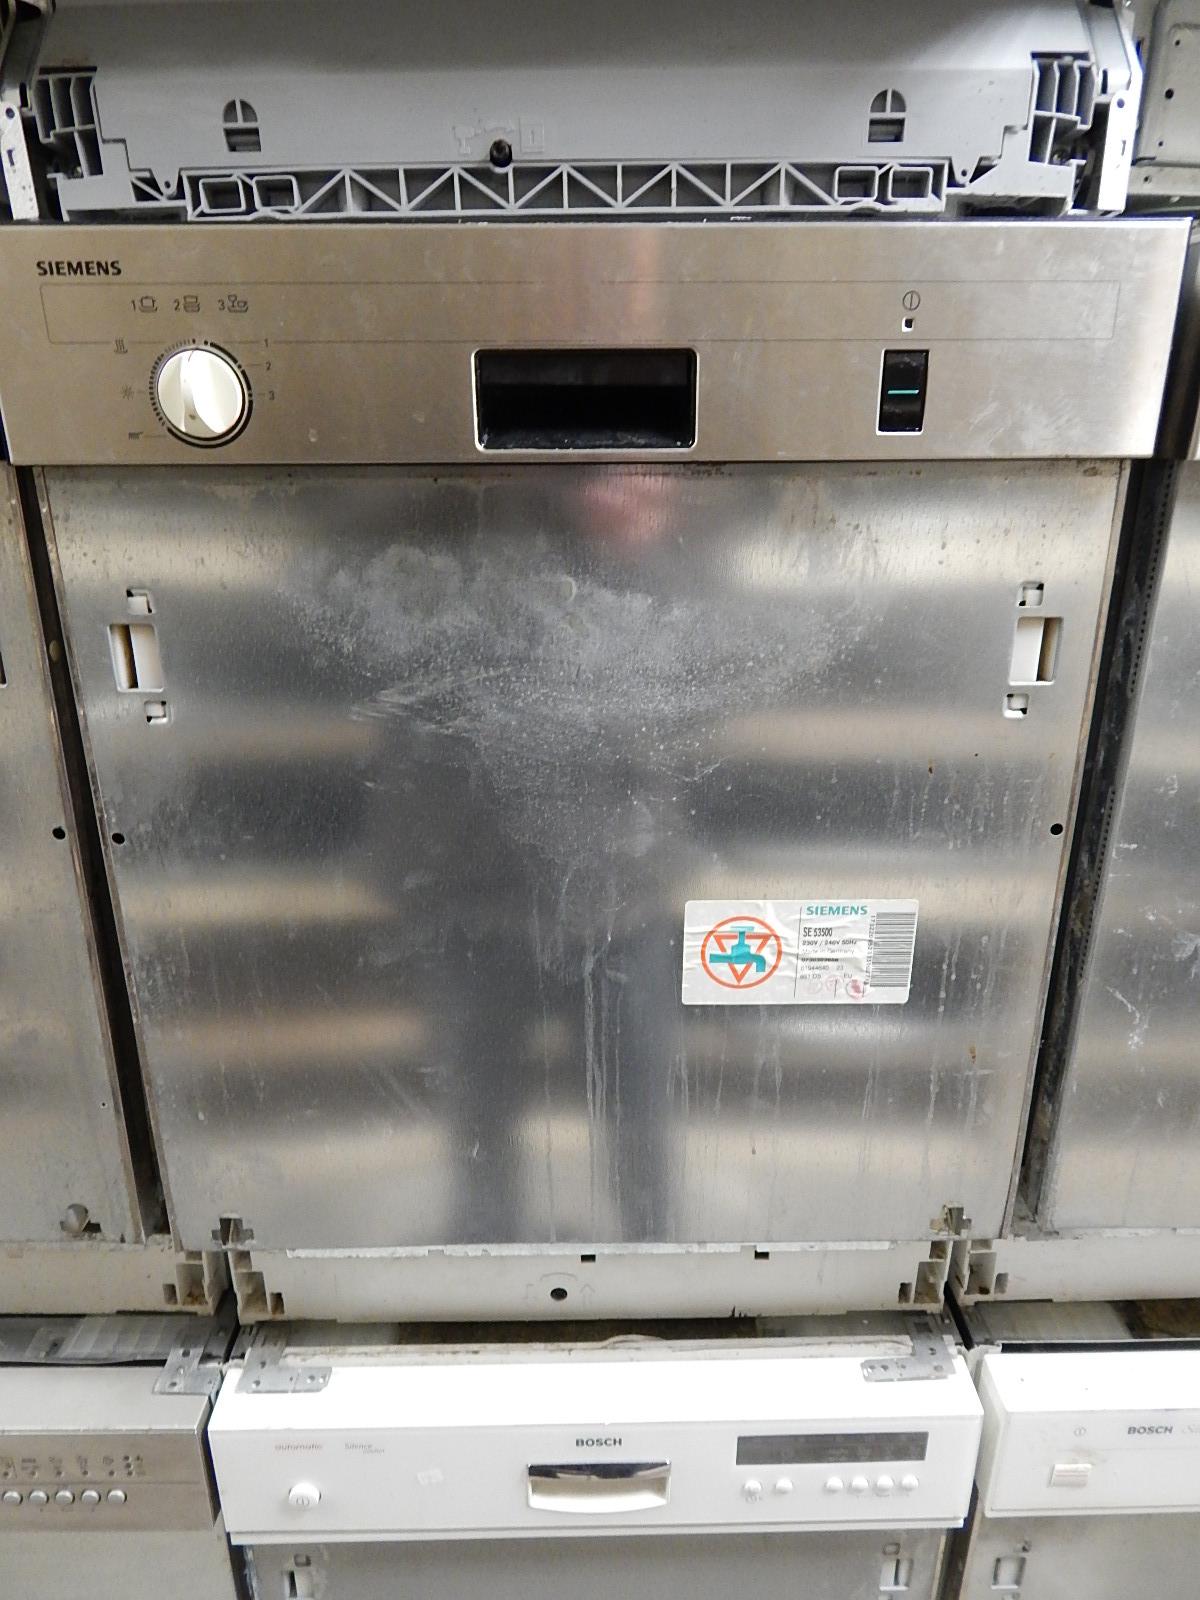 Goedkope half inbouw vaatwasmachine